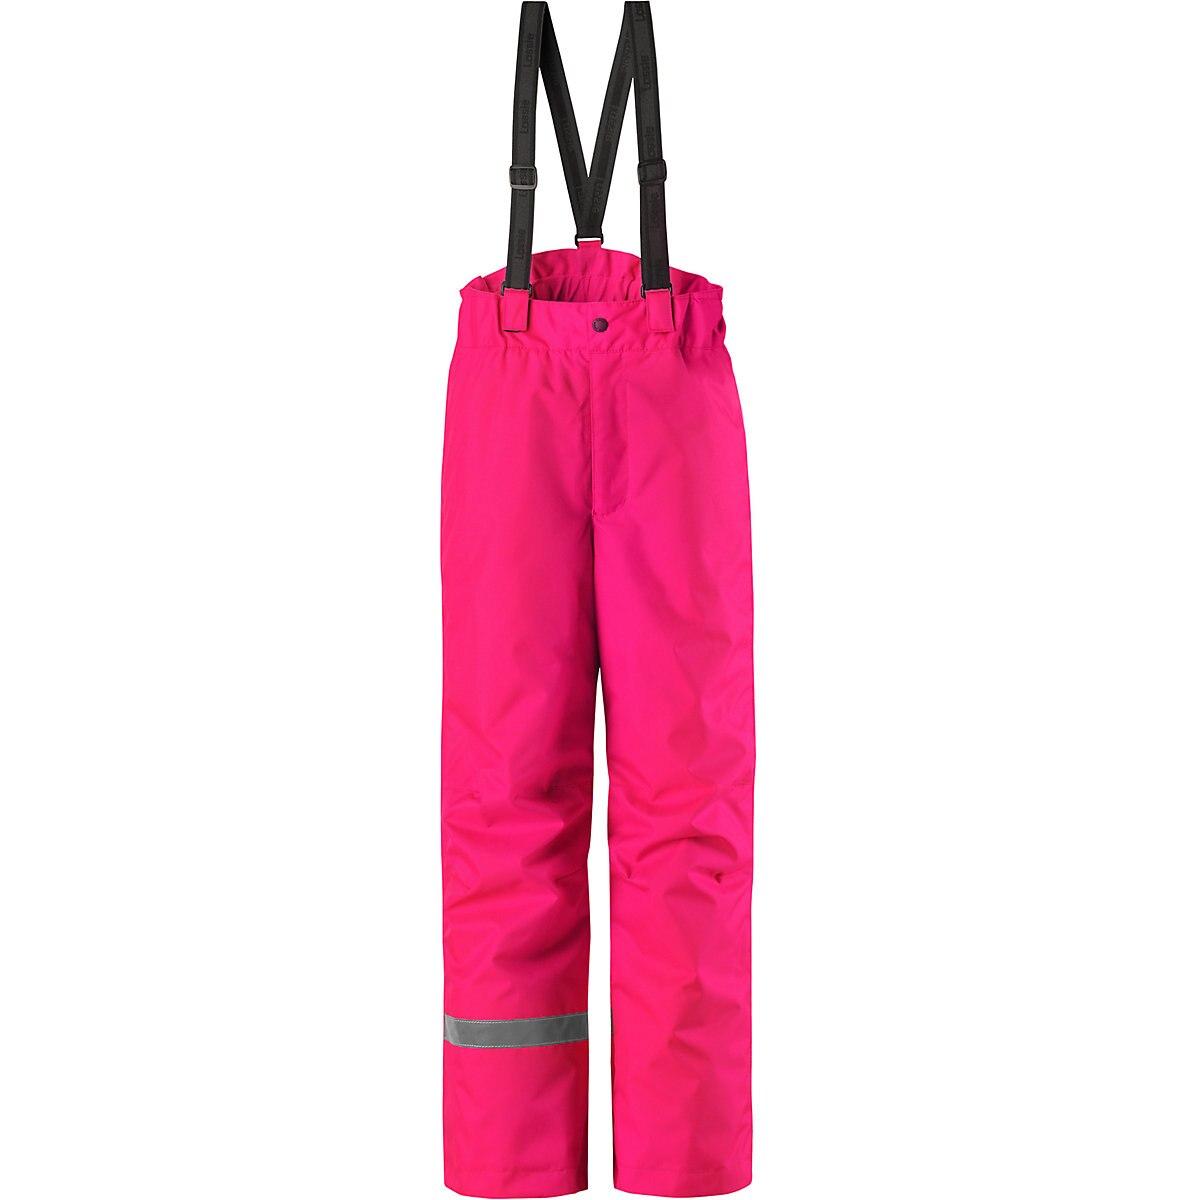 Pants & Capris LASSIE for girls 8626643 Leggings Hot Warm Children clothes Kids newborn baby boy girl infant warm cotton outfit jumpsuit romper bodysuit clothes